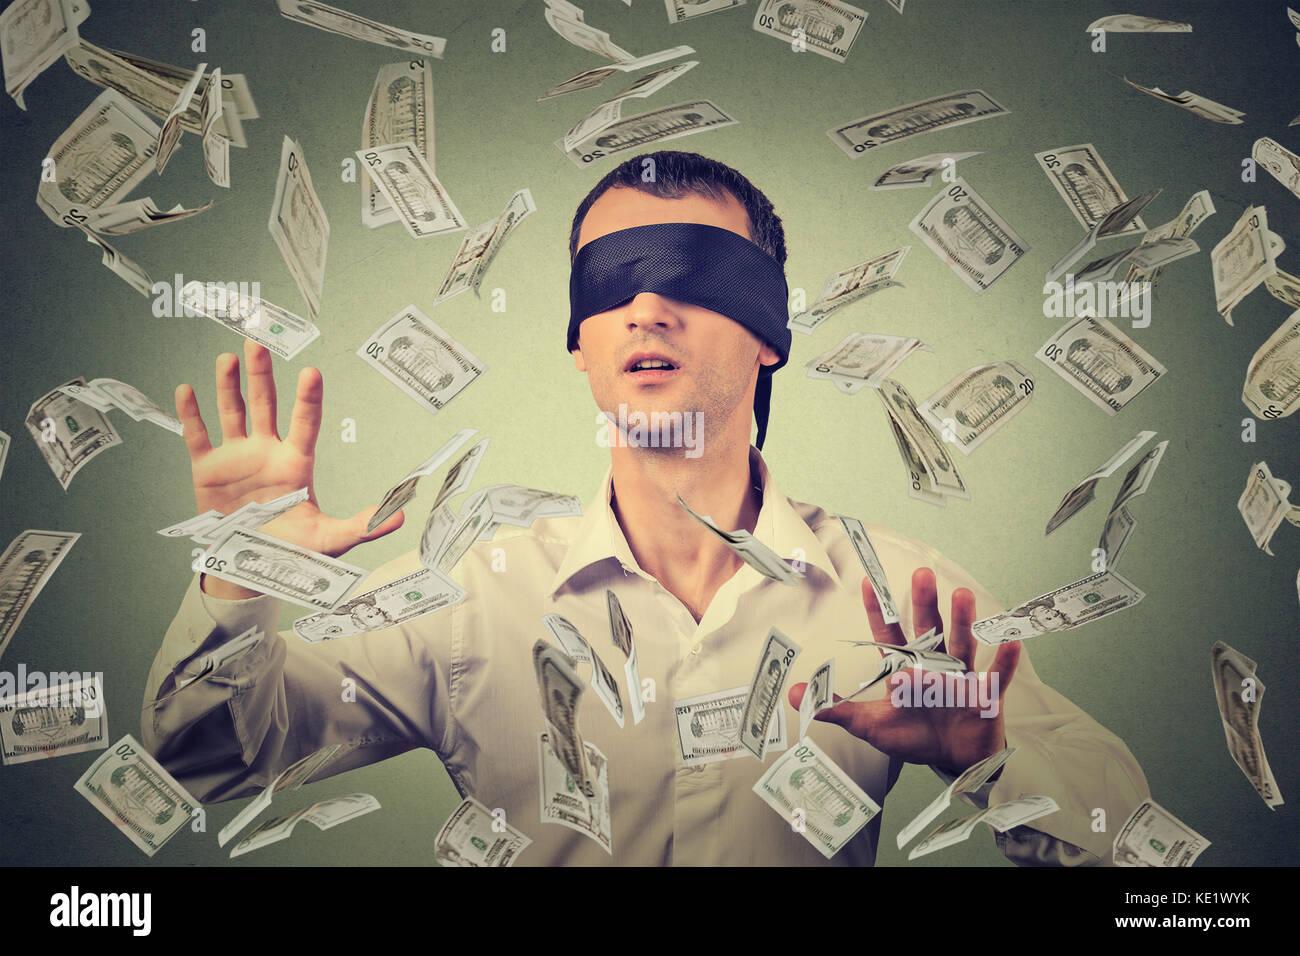 Les yeux bandés, jeune homme d'essayer d'attraper des billets de dollars battant dans l'air isolé Photo Stock